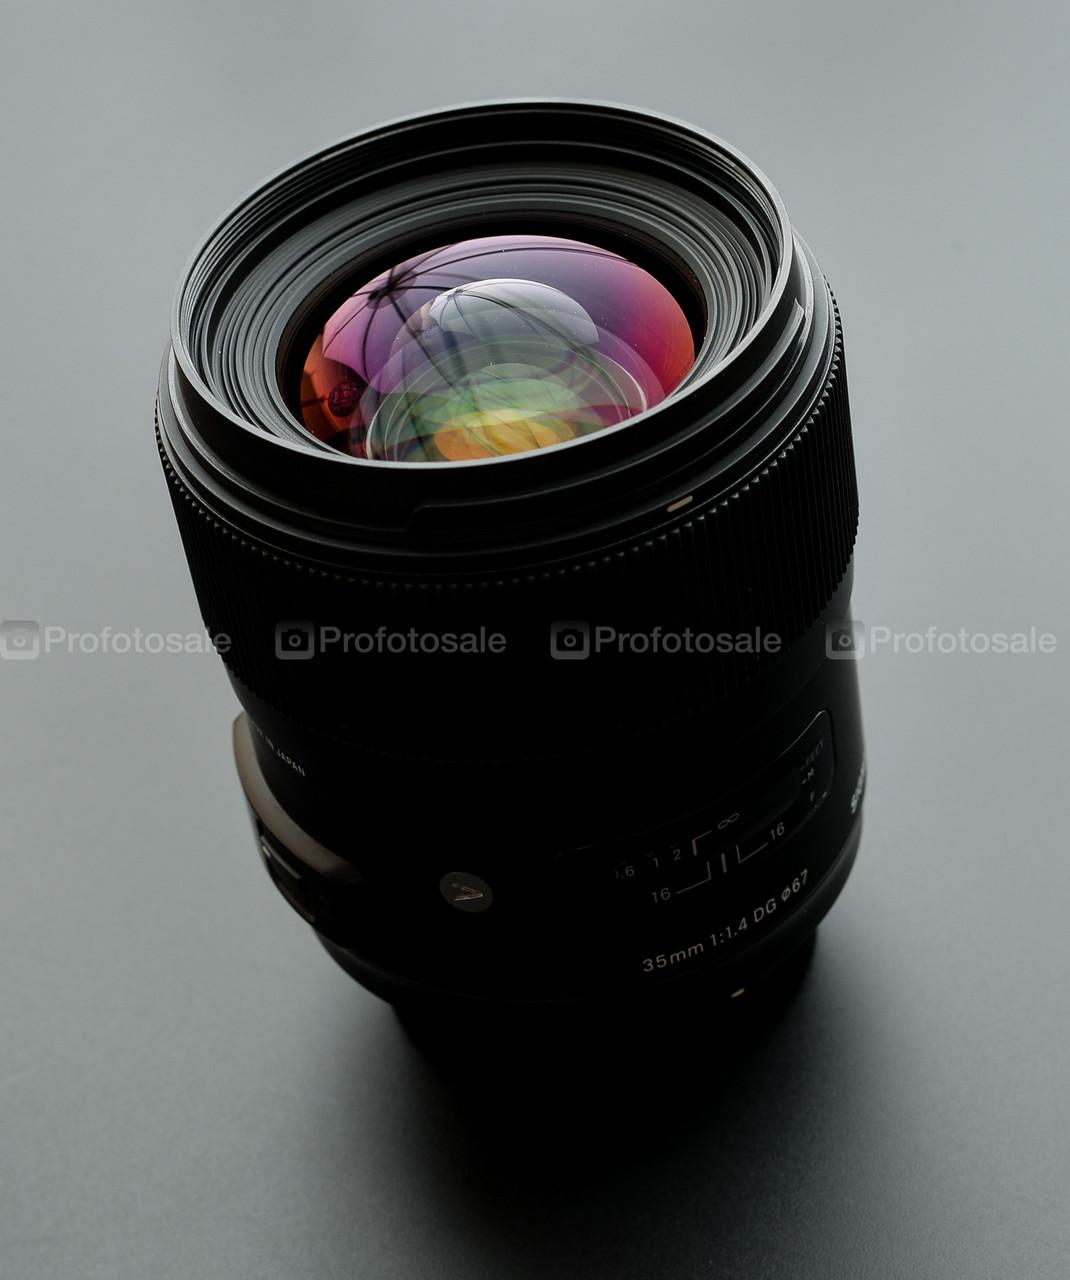 Об'єктив Sigma 35mm f/1.4 ART Nikon